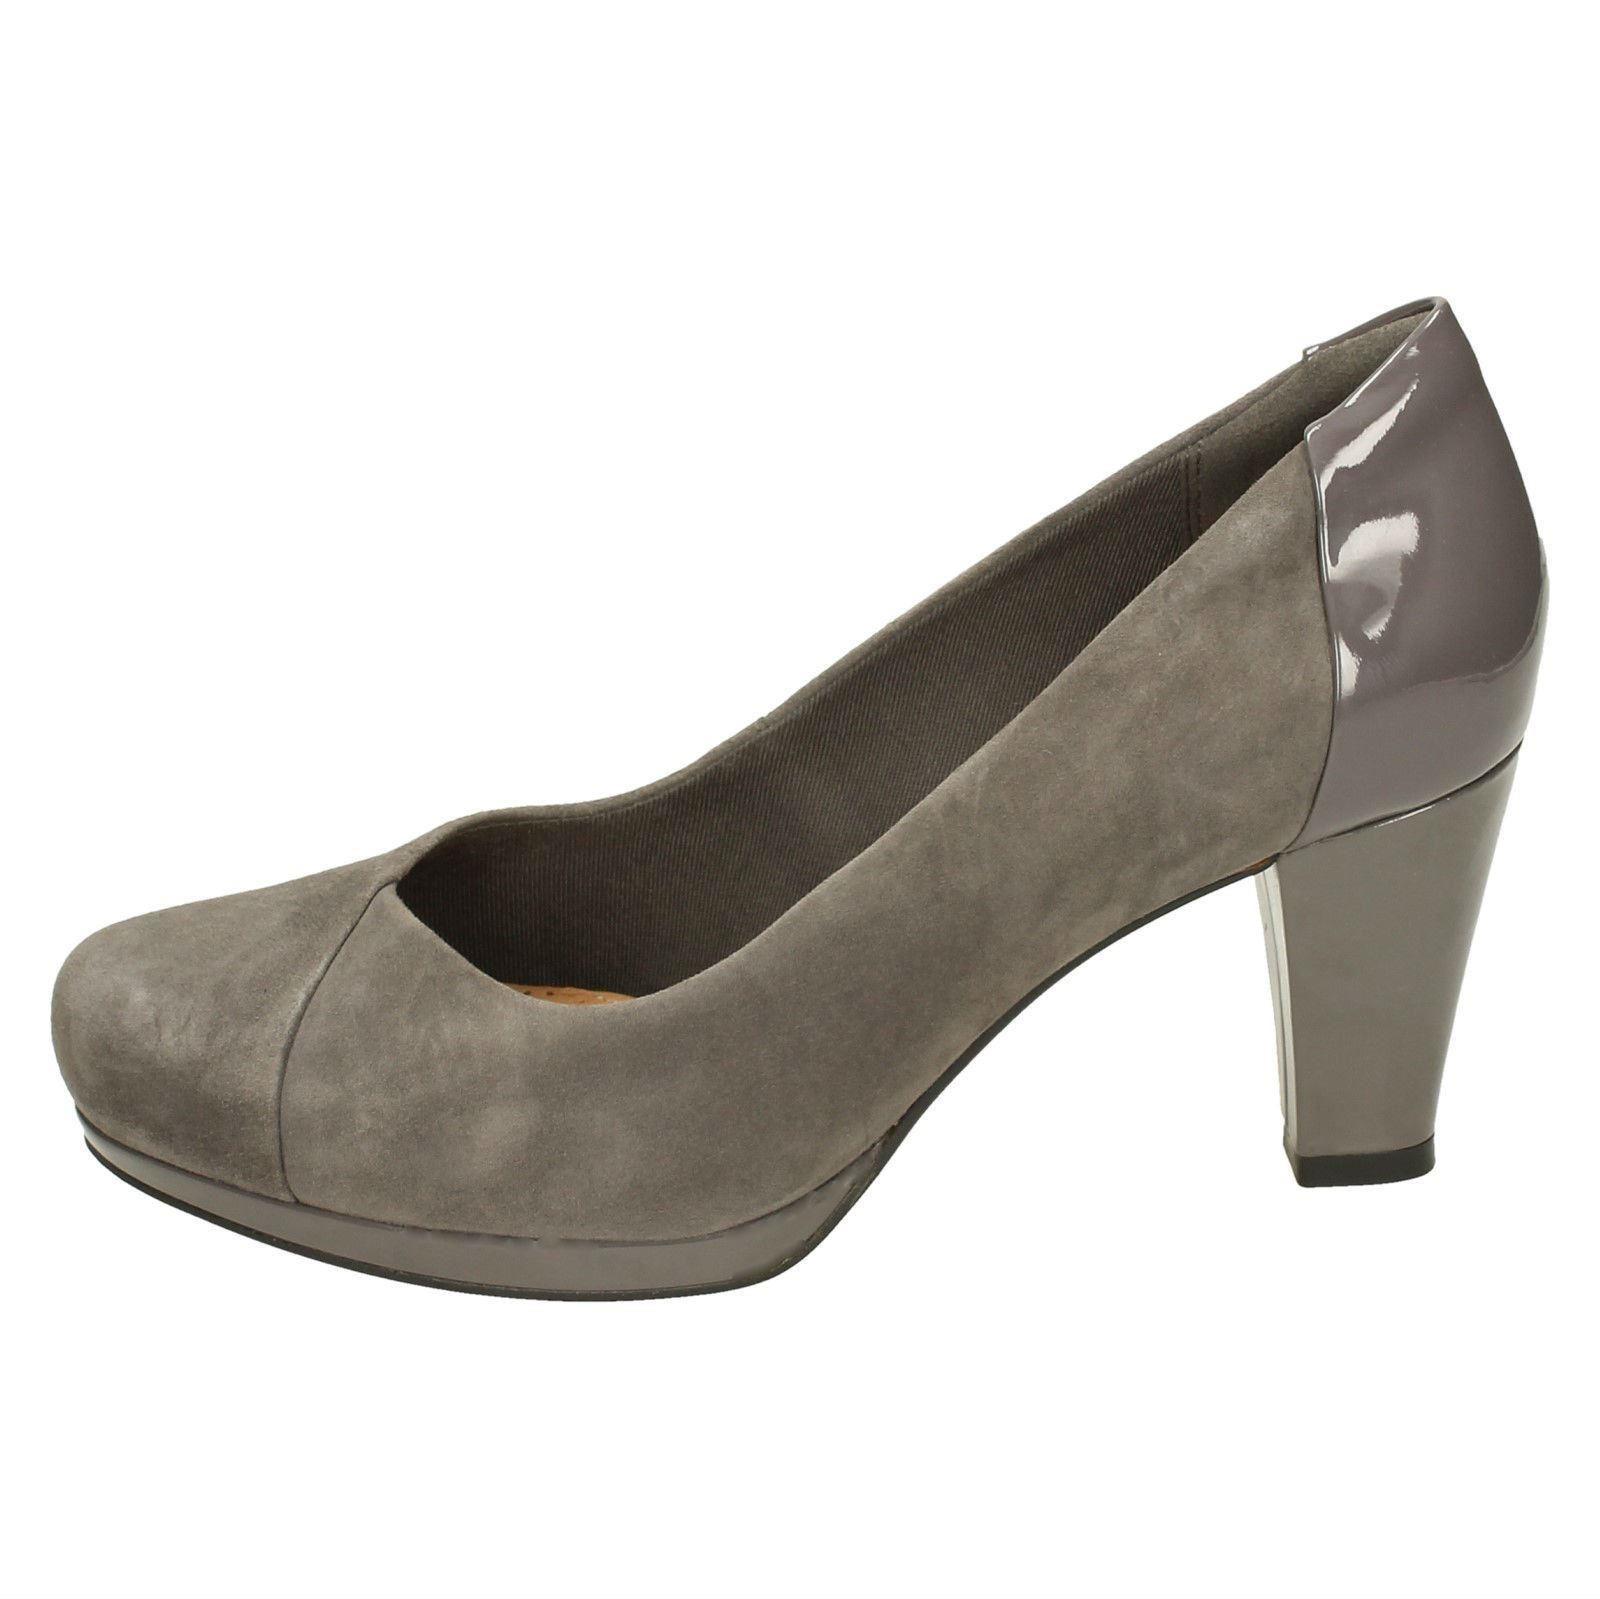 Onorevoli Onorevoli Onorevoli Clarks Scarpe Eleganti Formali CORO Carol 49959e